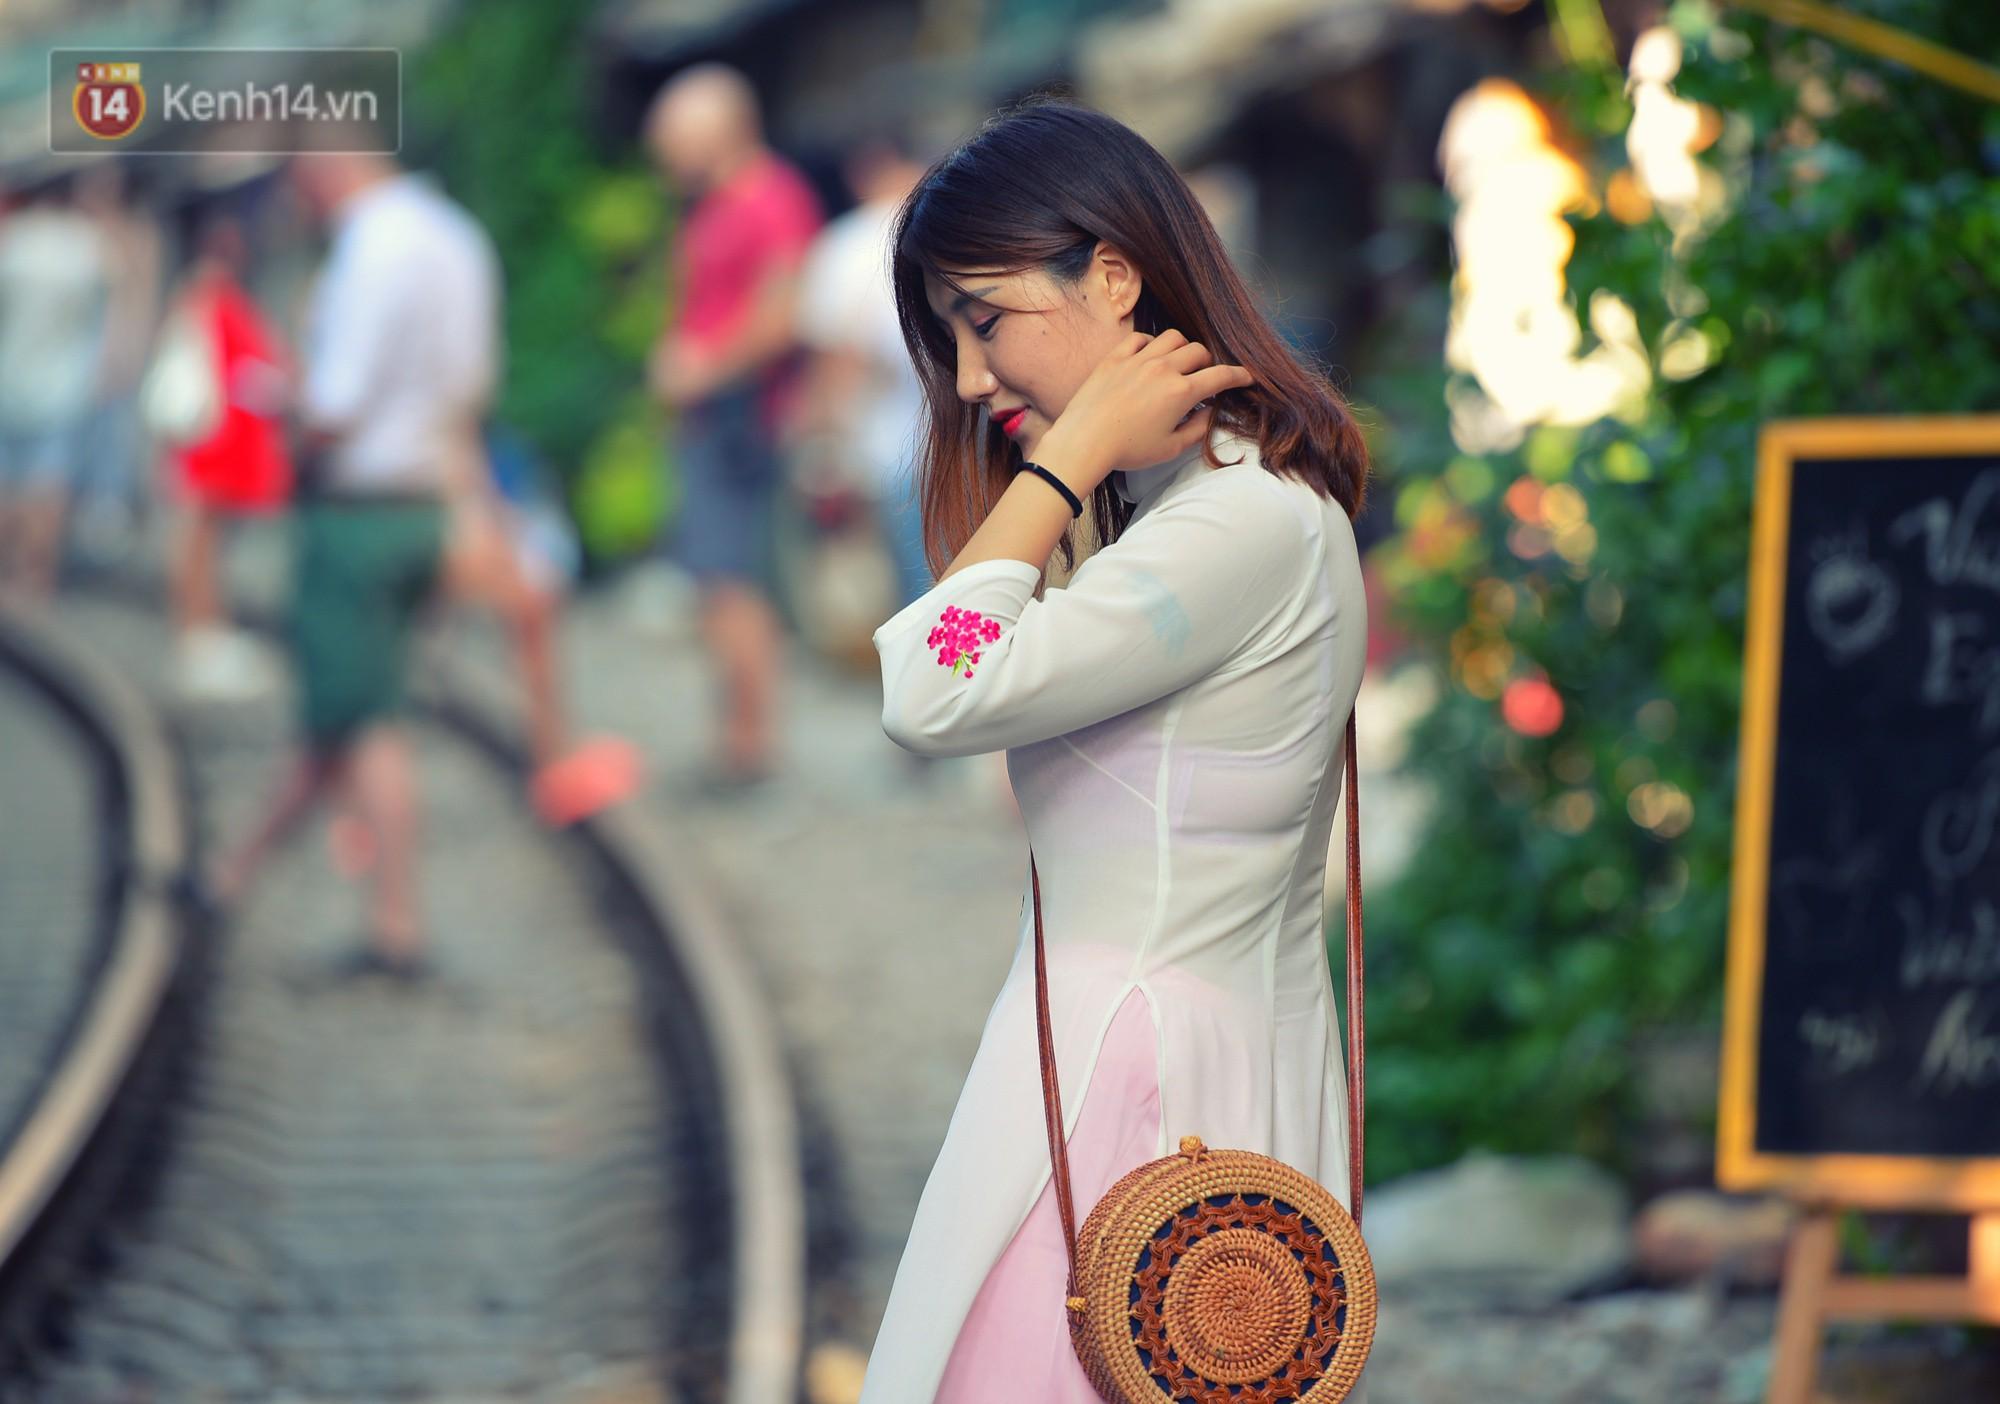 Hà Nội: Xóm đường tàu đẹp không kém làng cổ Thập Phần, Đài Loan - Ảnh 5.